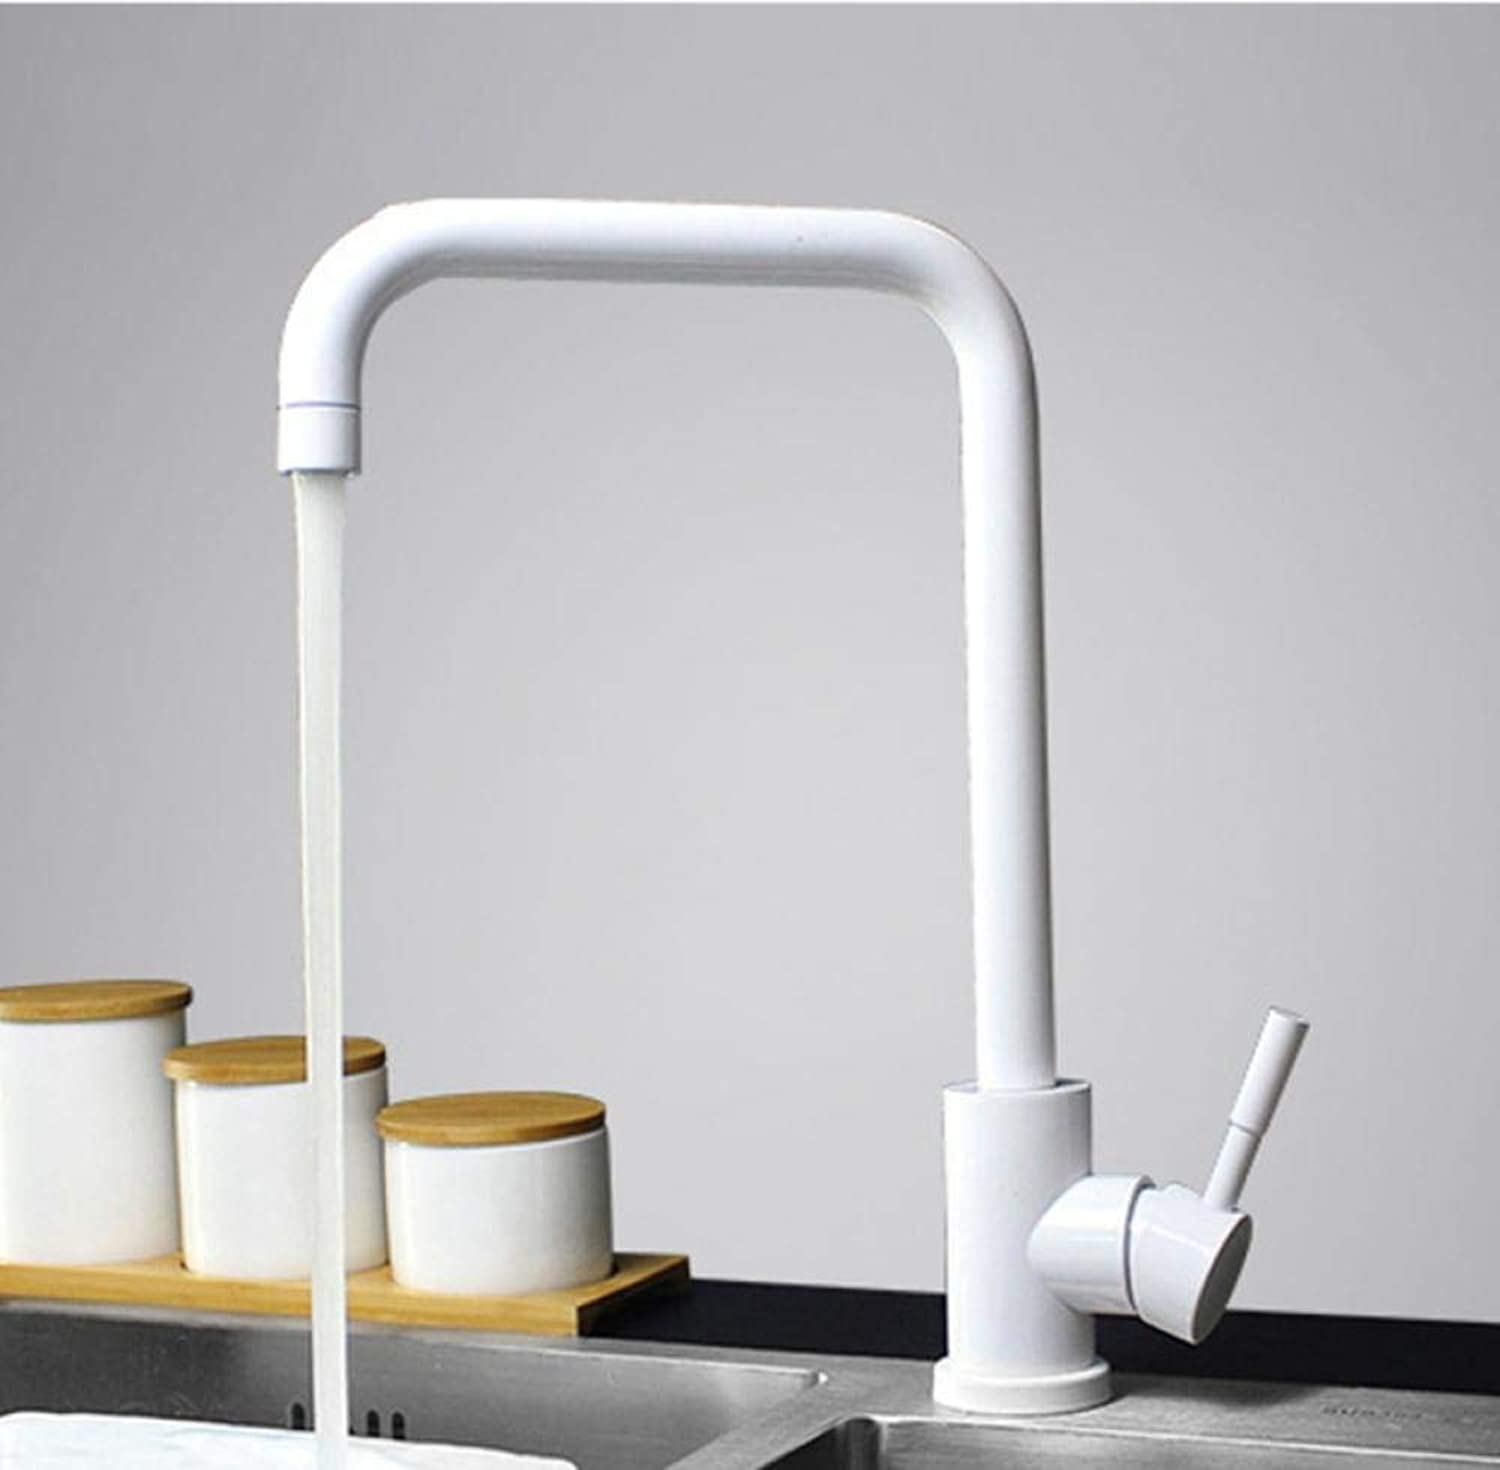 Küchenarmatur 360 drehen wei Mischbatterie für Küche 304 Edelstahl Hot & Cold Deck montiert Kran für Spüle